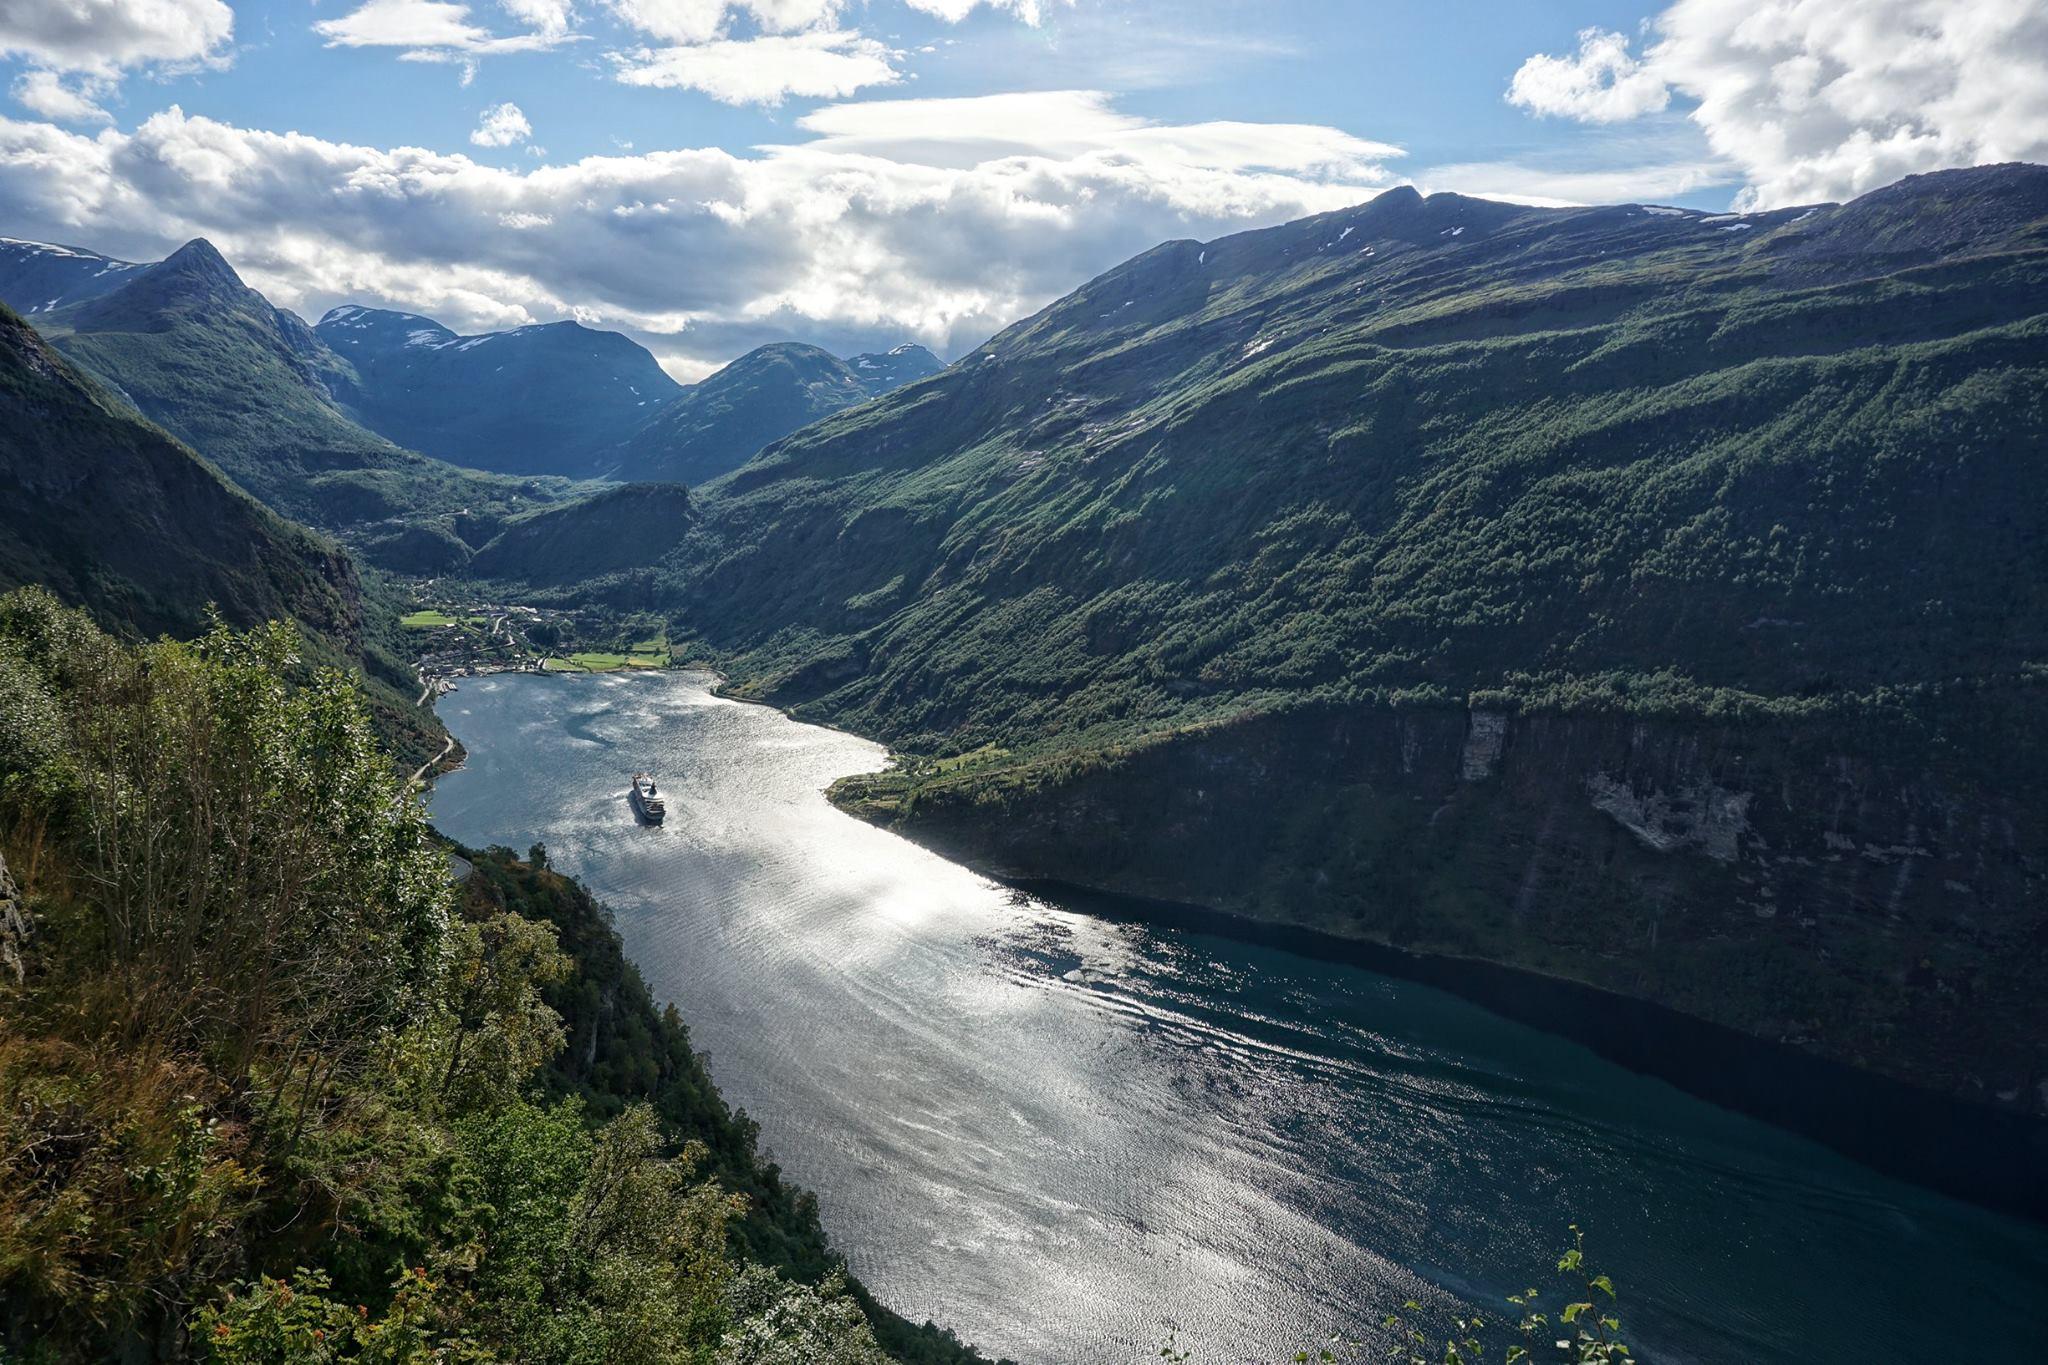 geirangerfjord, noorwegen, vakantiefoto, reisbestemming